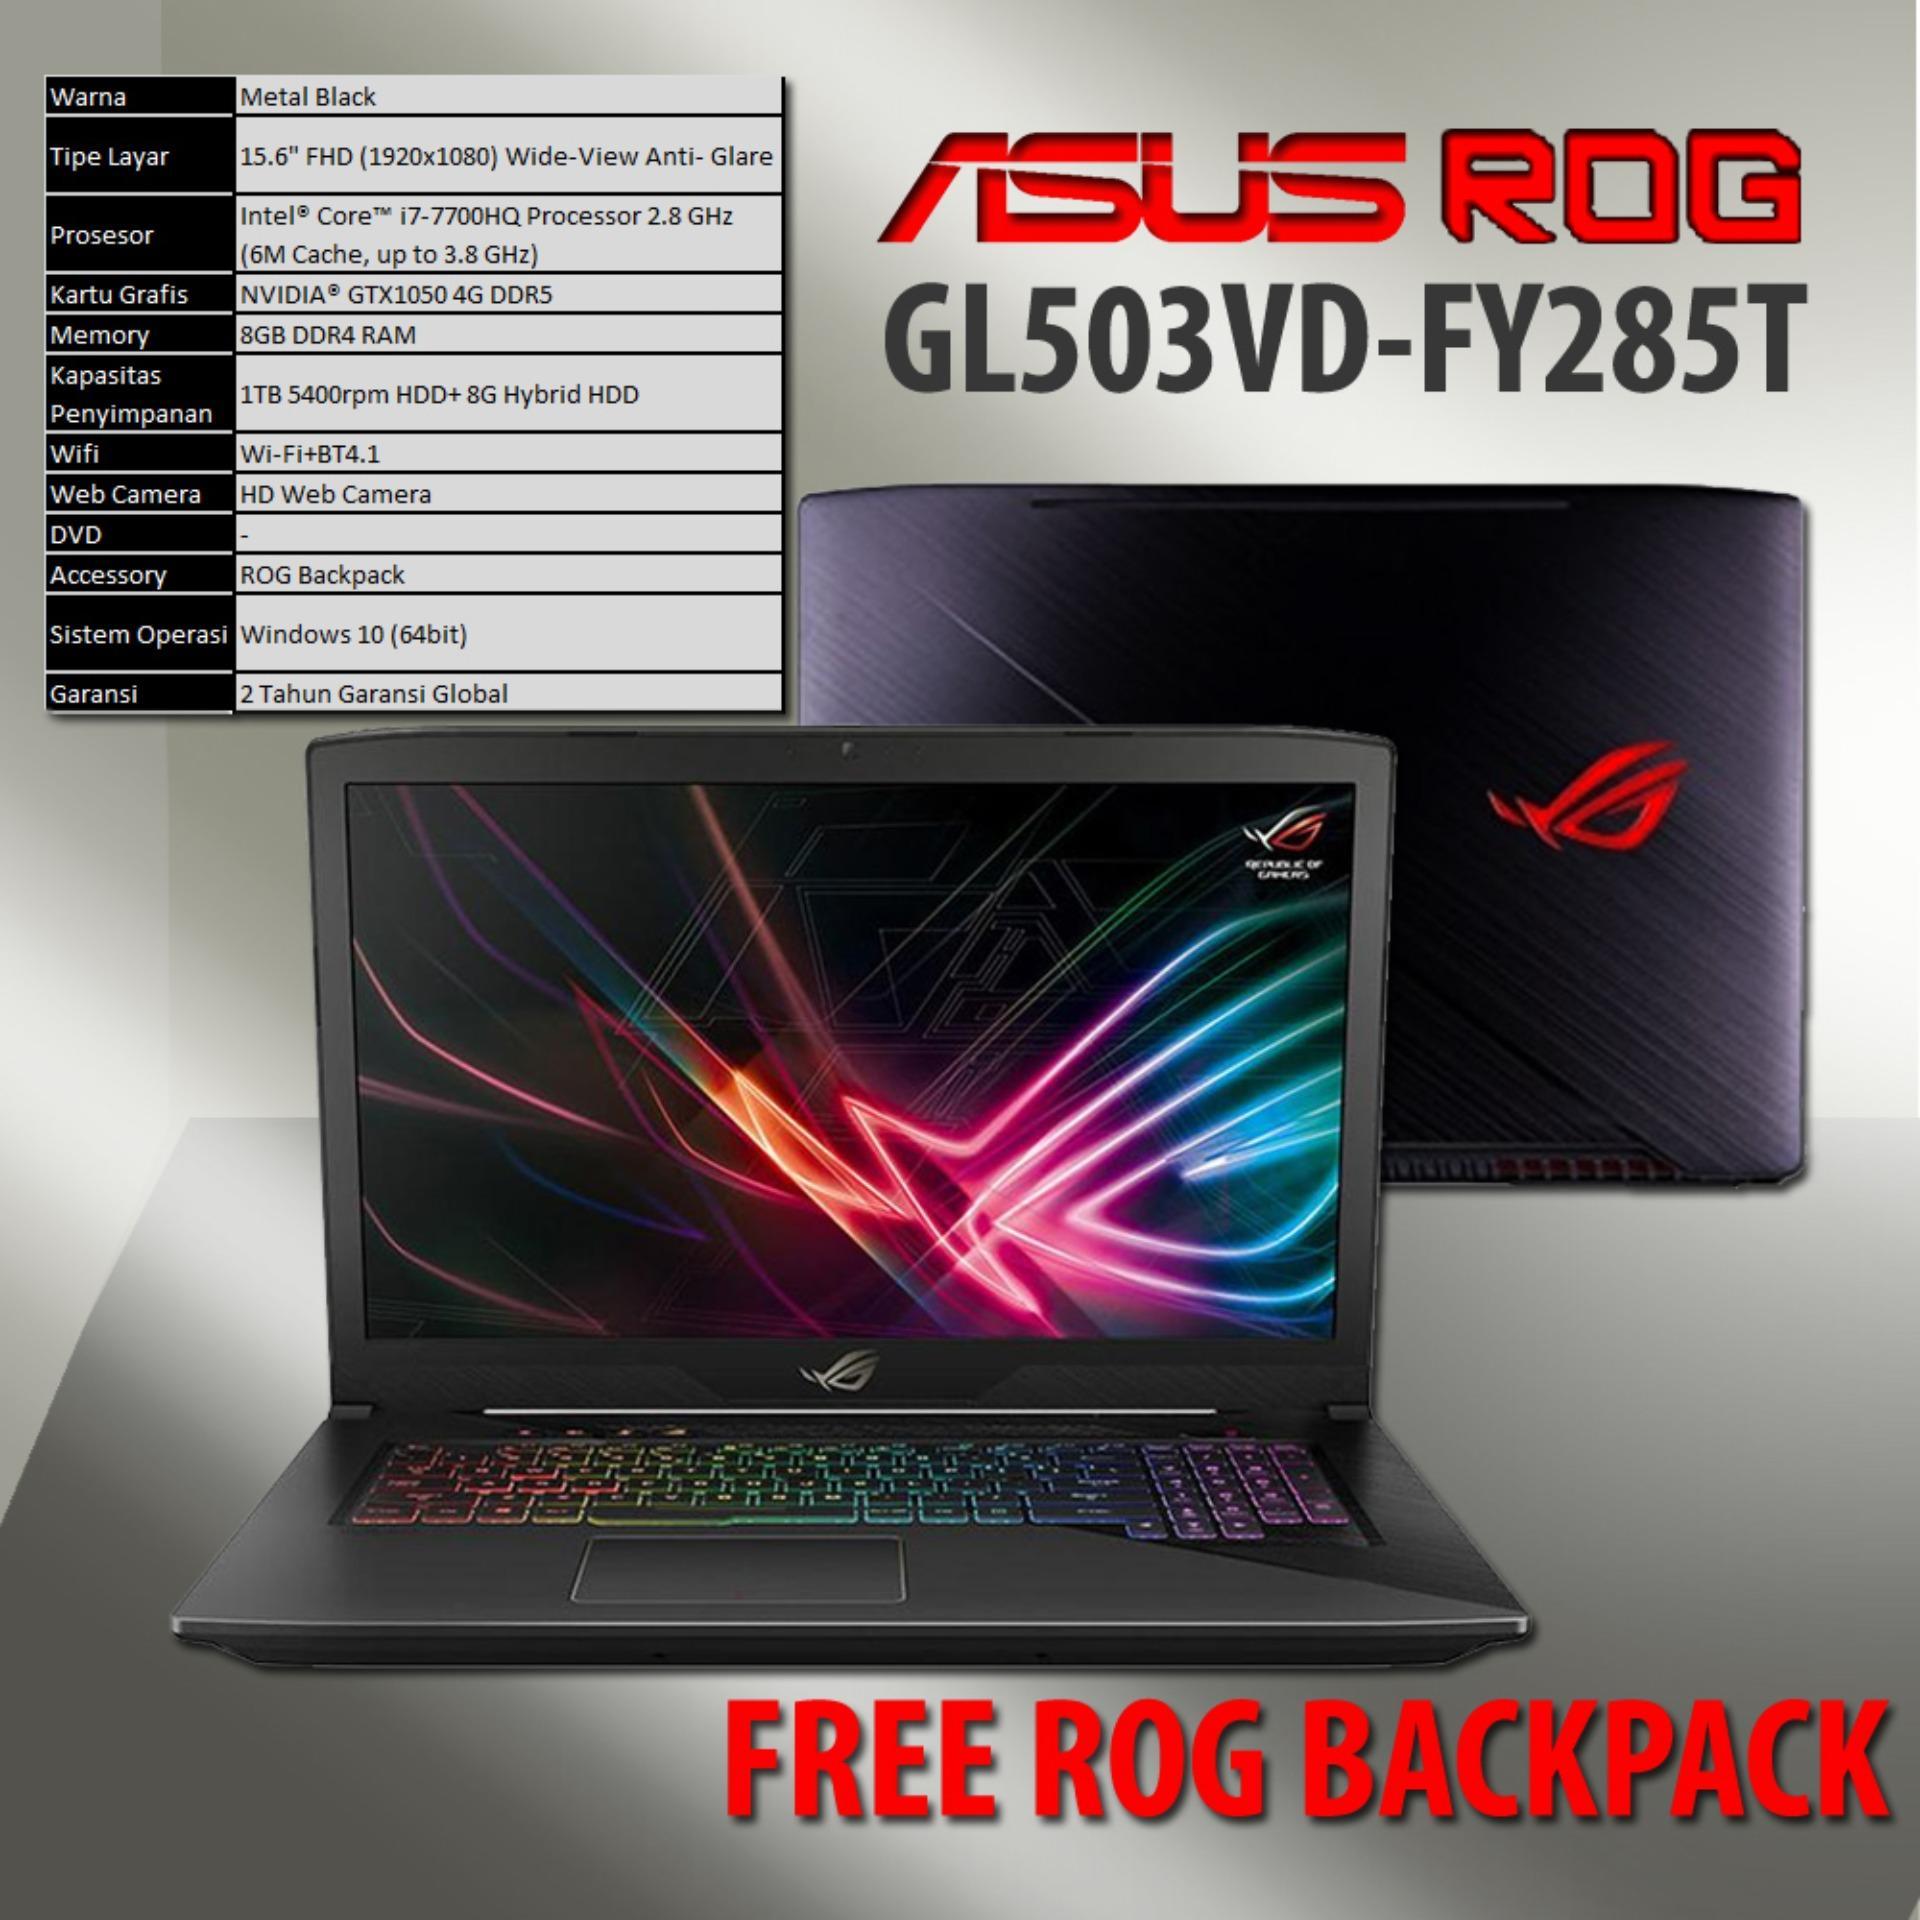 Laptop Gaming Asus Terbaru Termurah Tuf Fx504gd E4310t Rog Gl503vd Fy285t I7 7700hq 1tb Hdd 8g Hybrid 8gb Ddr4 Ram Gtx1050 4gb